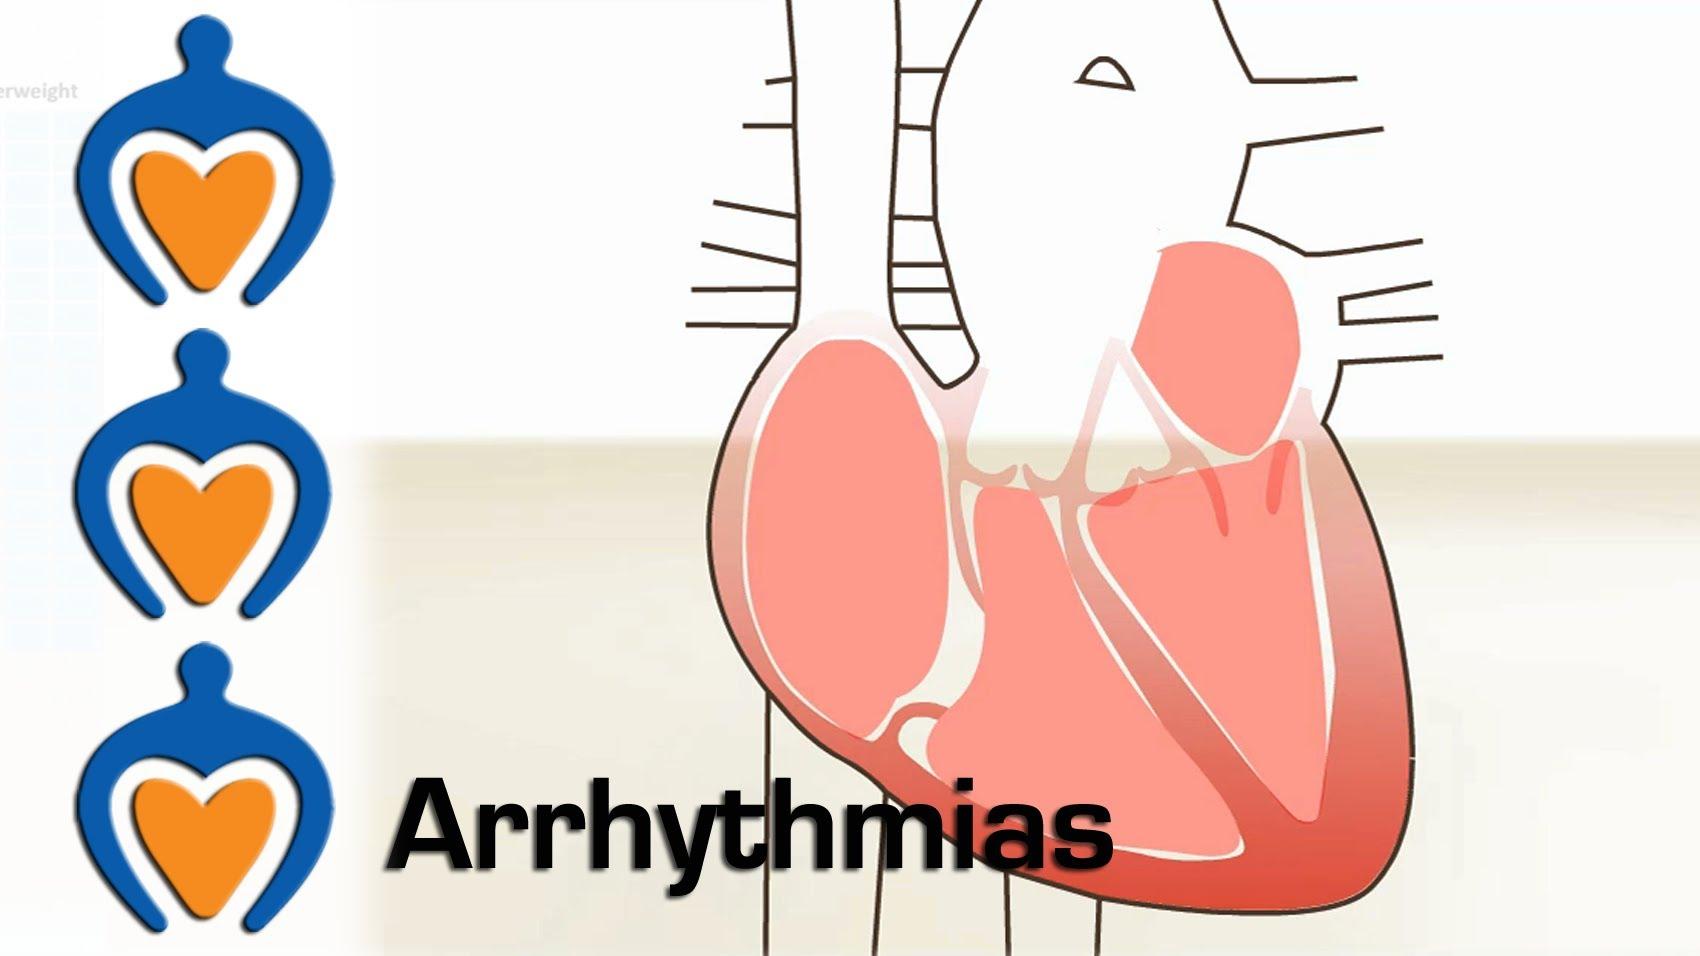 Arrhythmias.